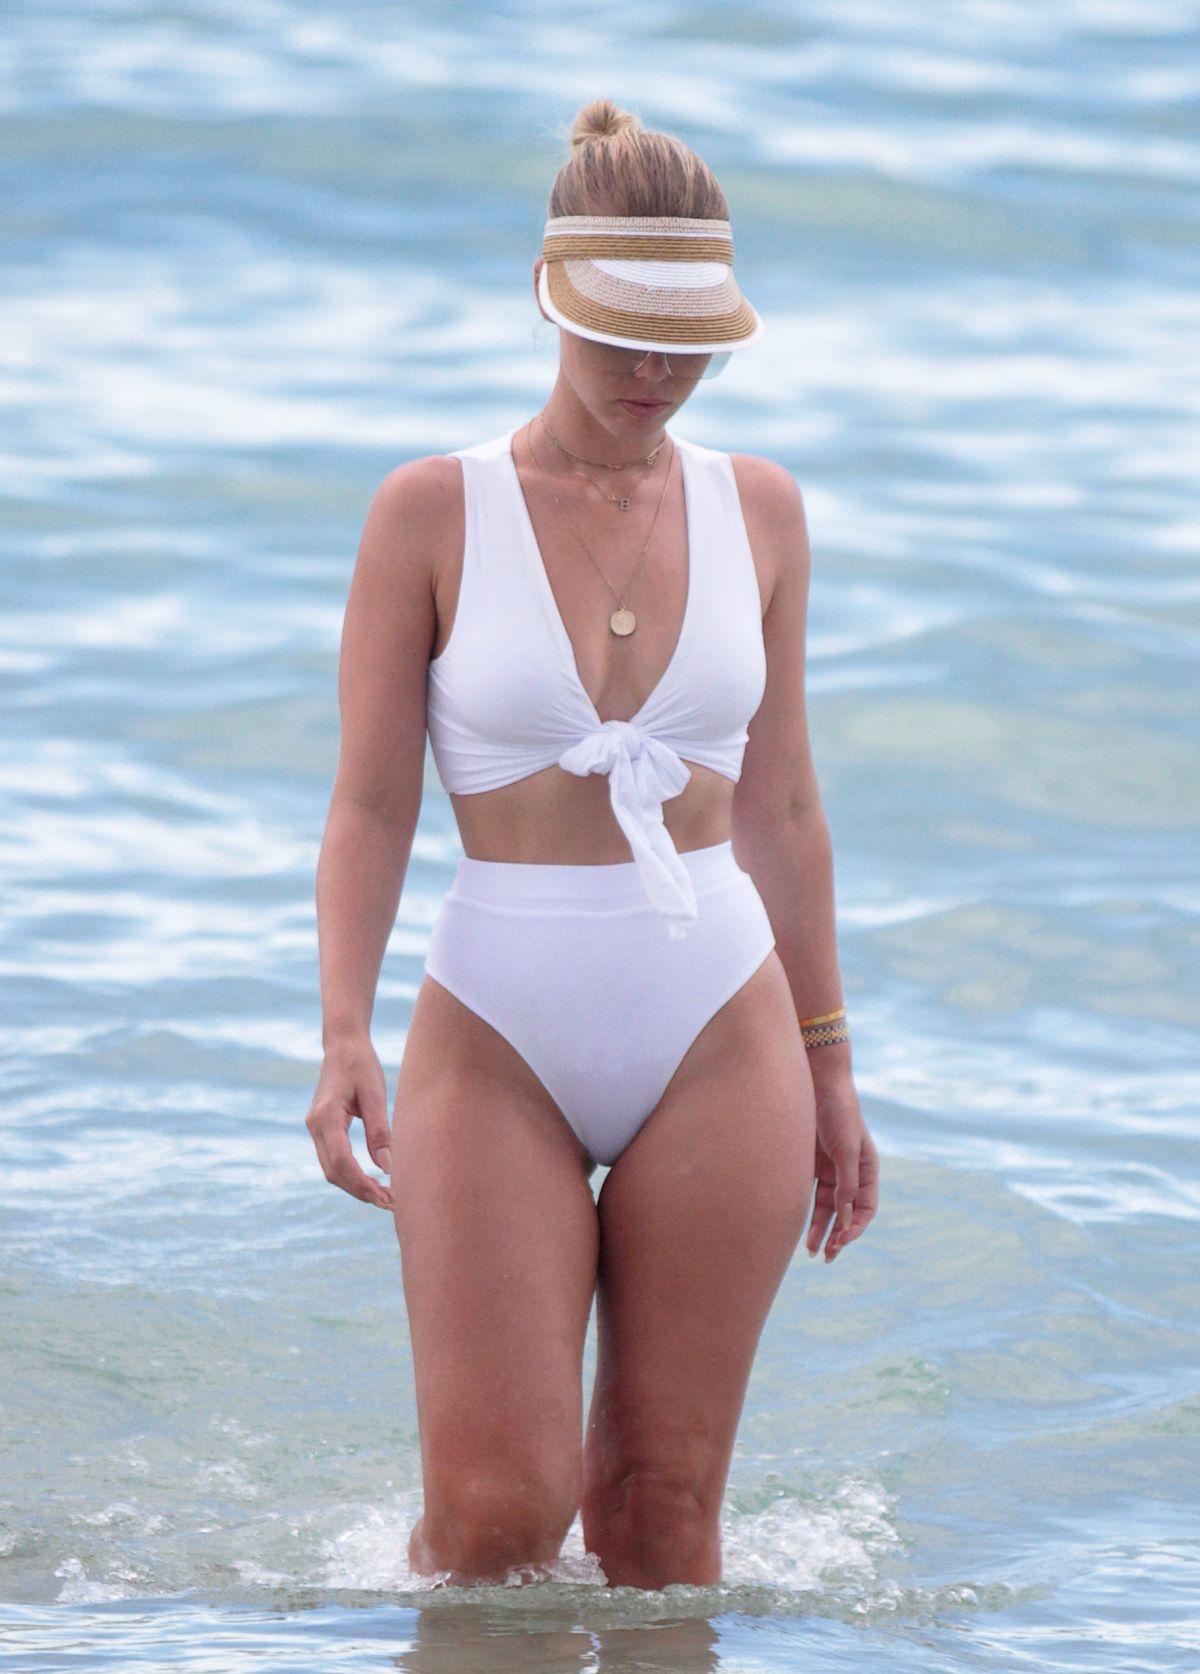 Lily Moulton in White Bikini on the beach in Miami Pic 28 of 35